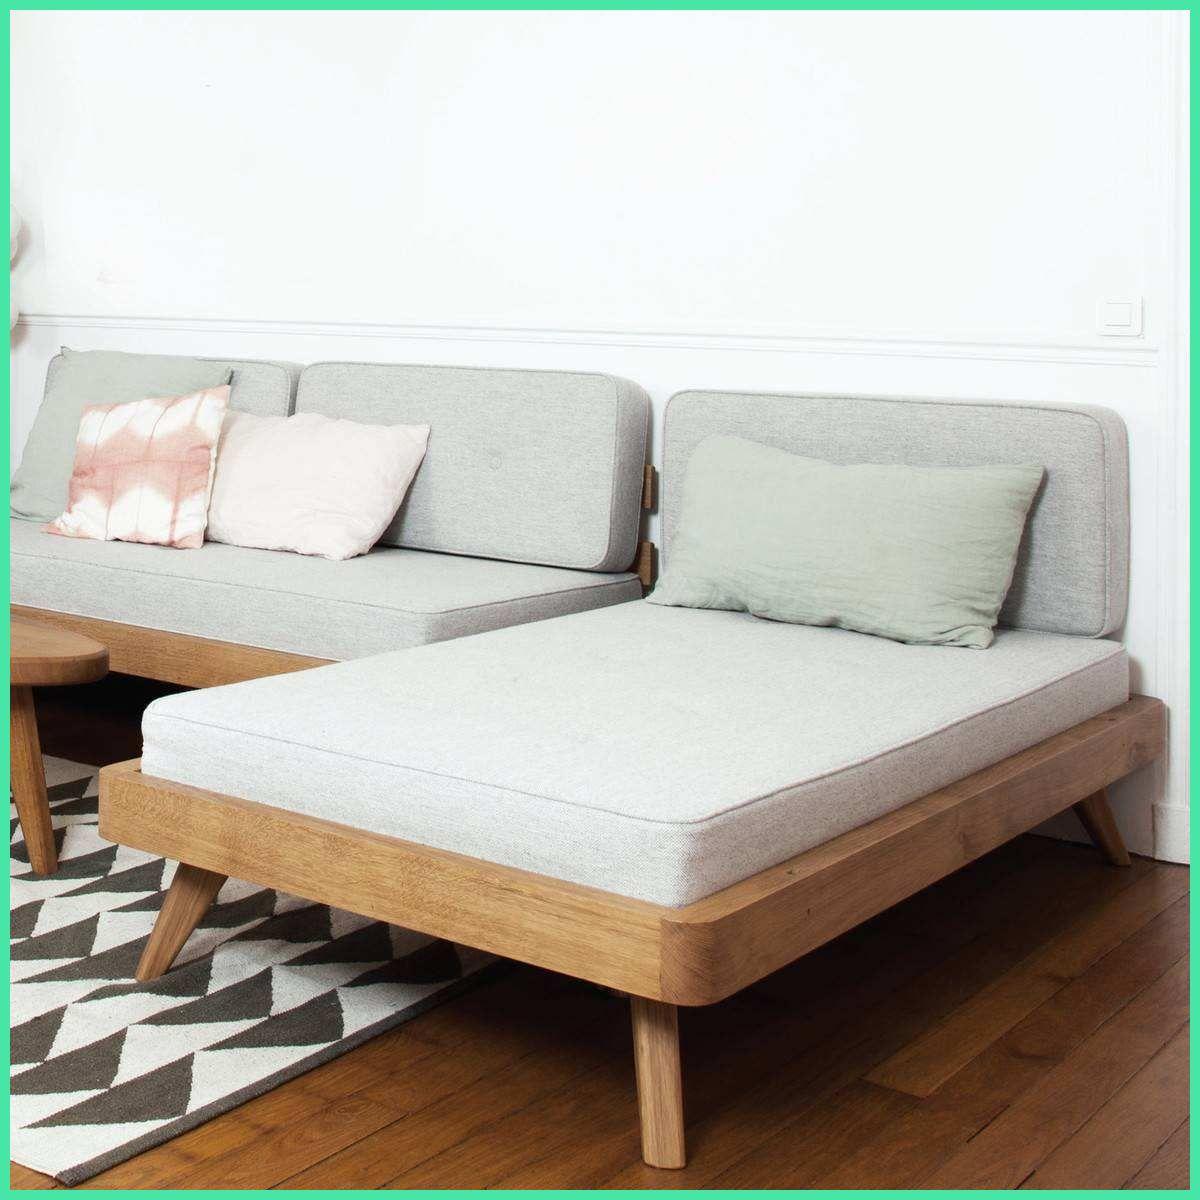 13 Begrenzt Daybed Ausziehbar Retro Sofa Retro Couch Sofa Design